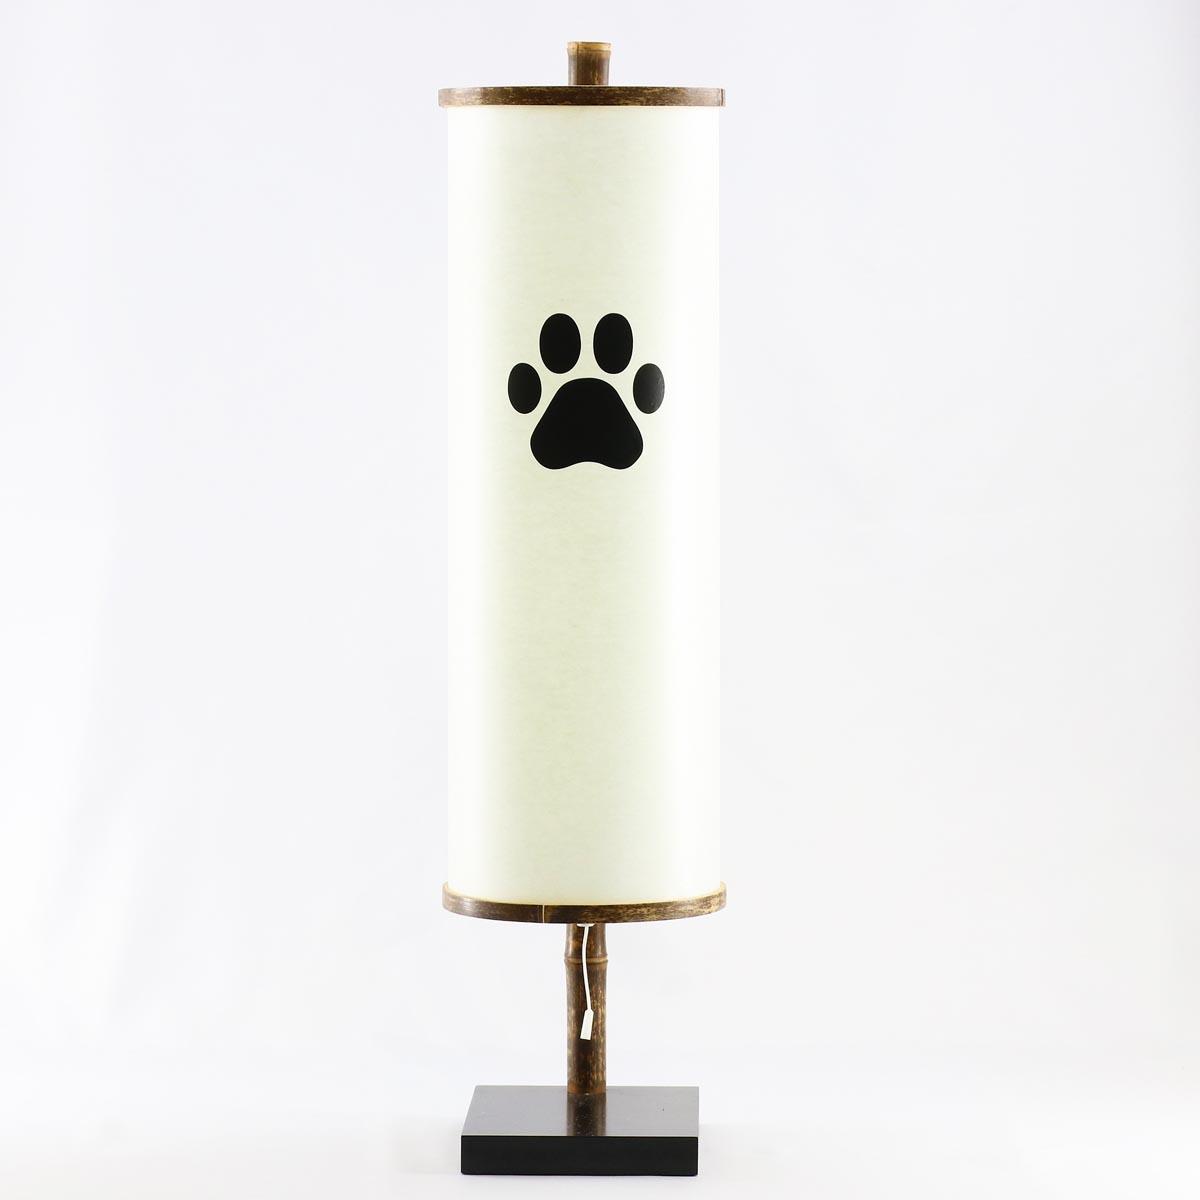 盆提灯 『 源氏A 肉球入り 』 BCG-8710-90-106P木製 組立不要 電気コード式 ペット用 犬 イヌ 猫 ネコ メモリアル